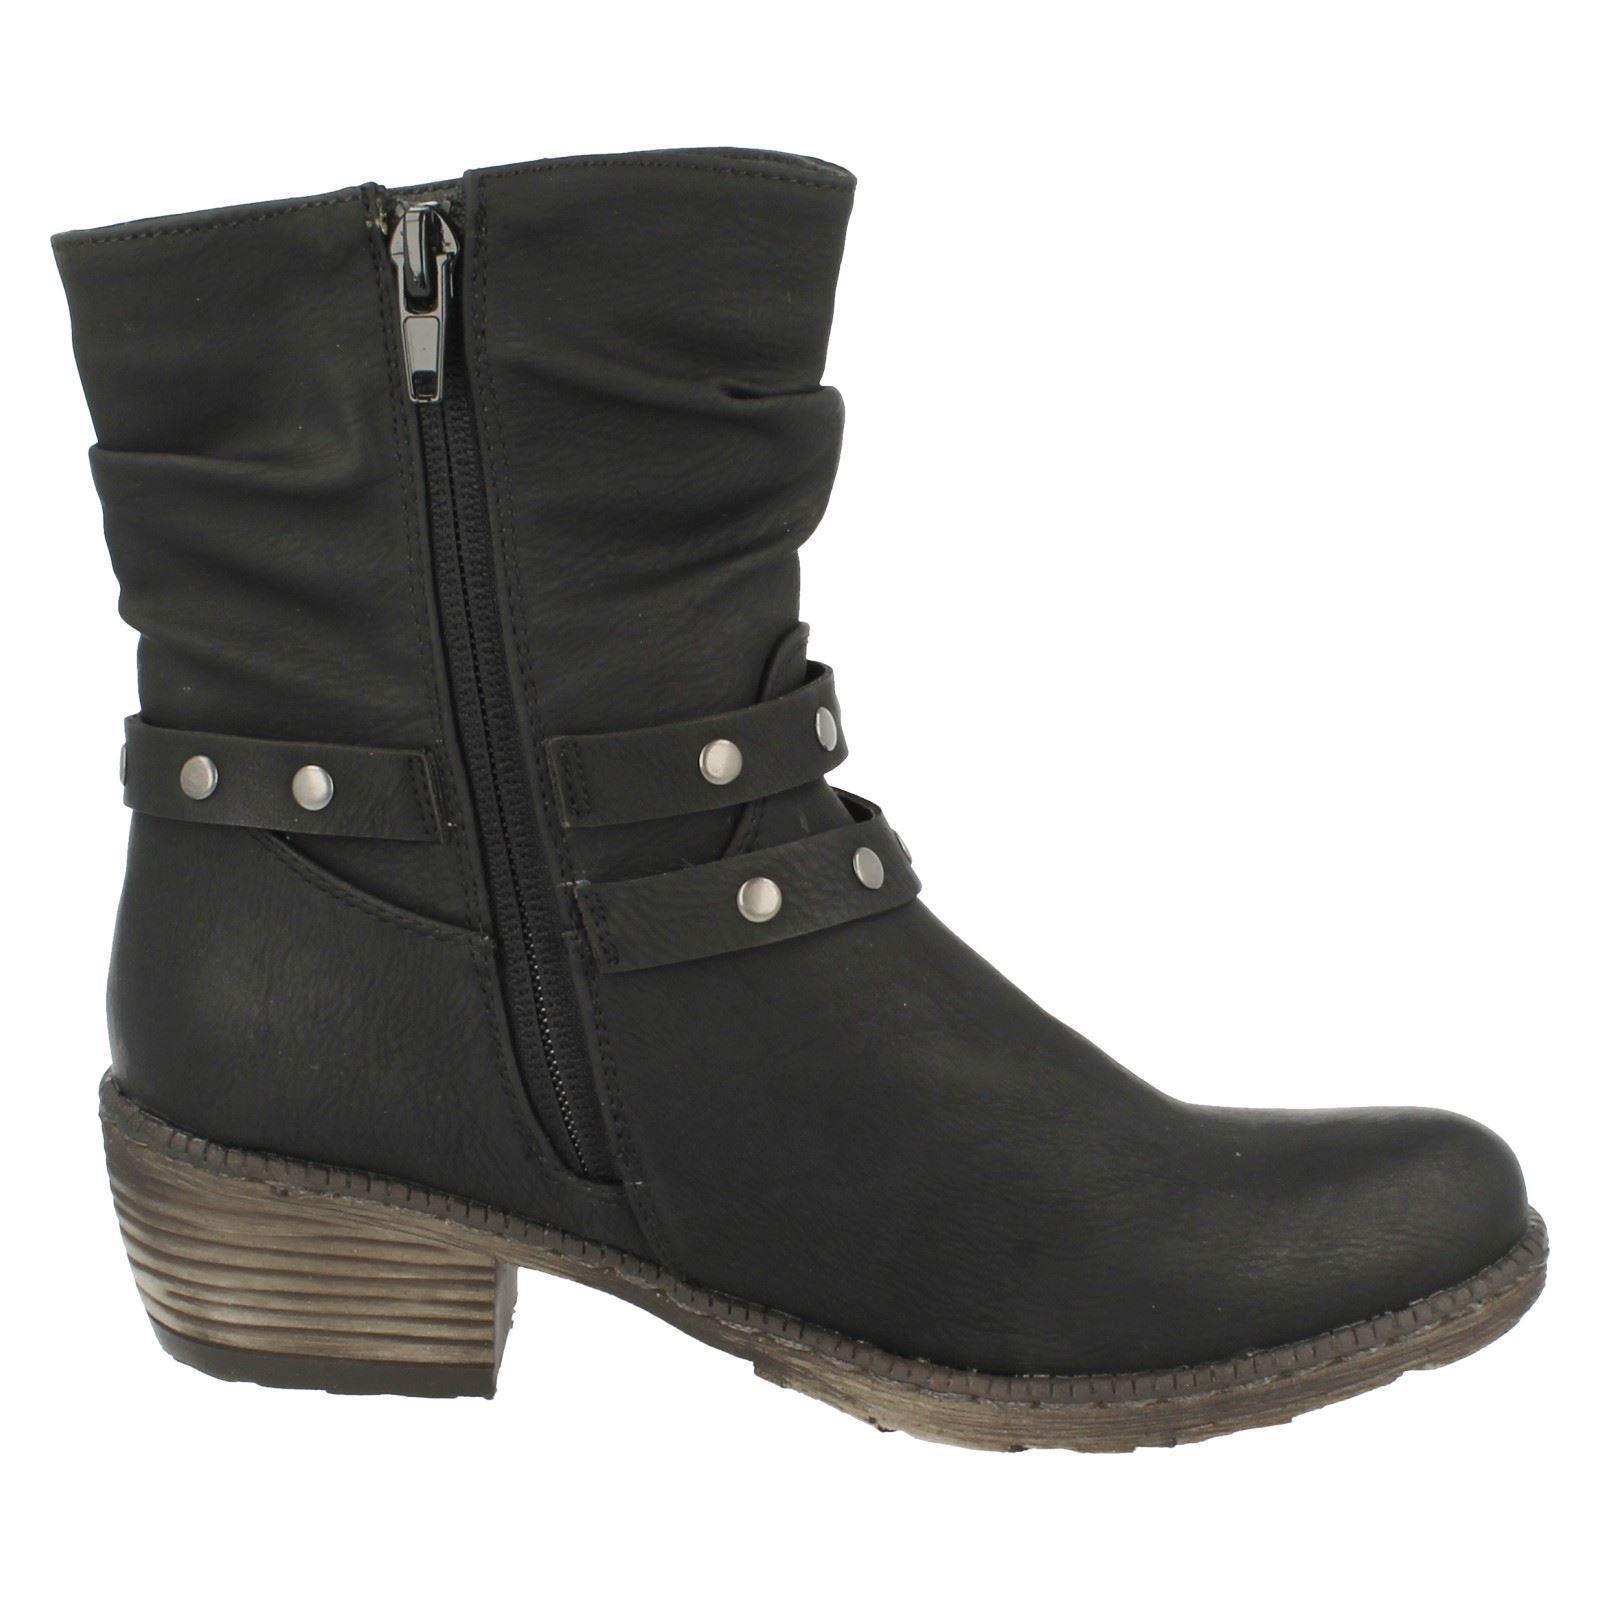 rieker fleece lined ankle boots k1491 ebay